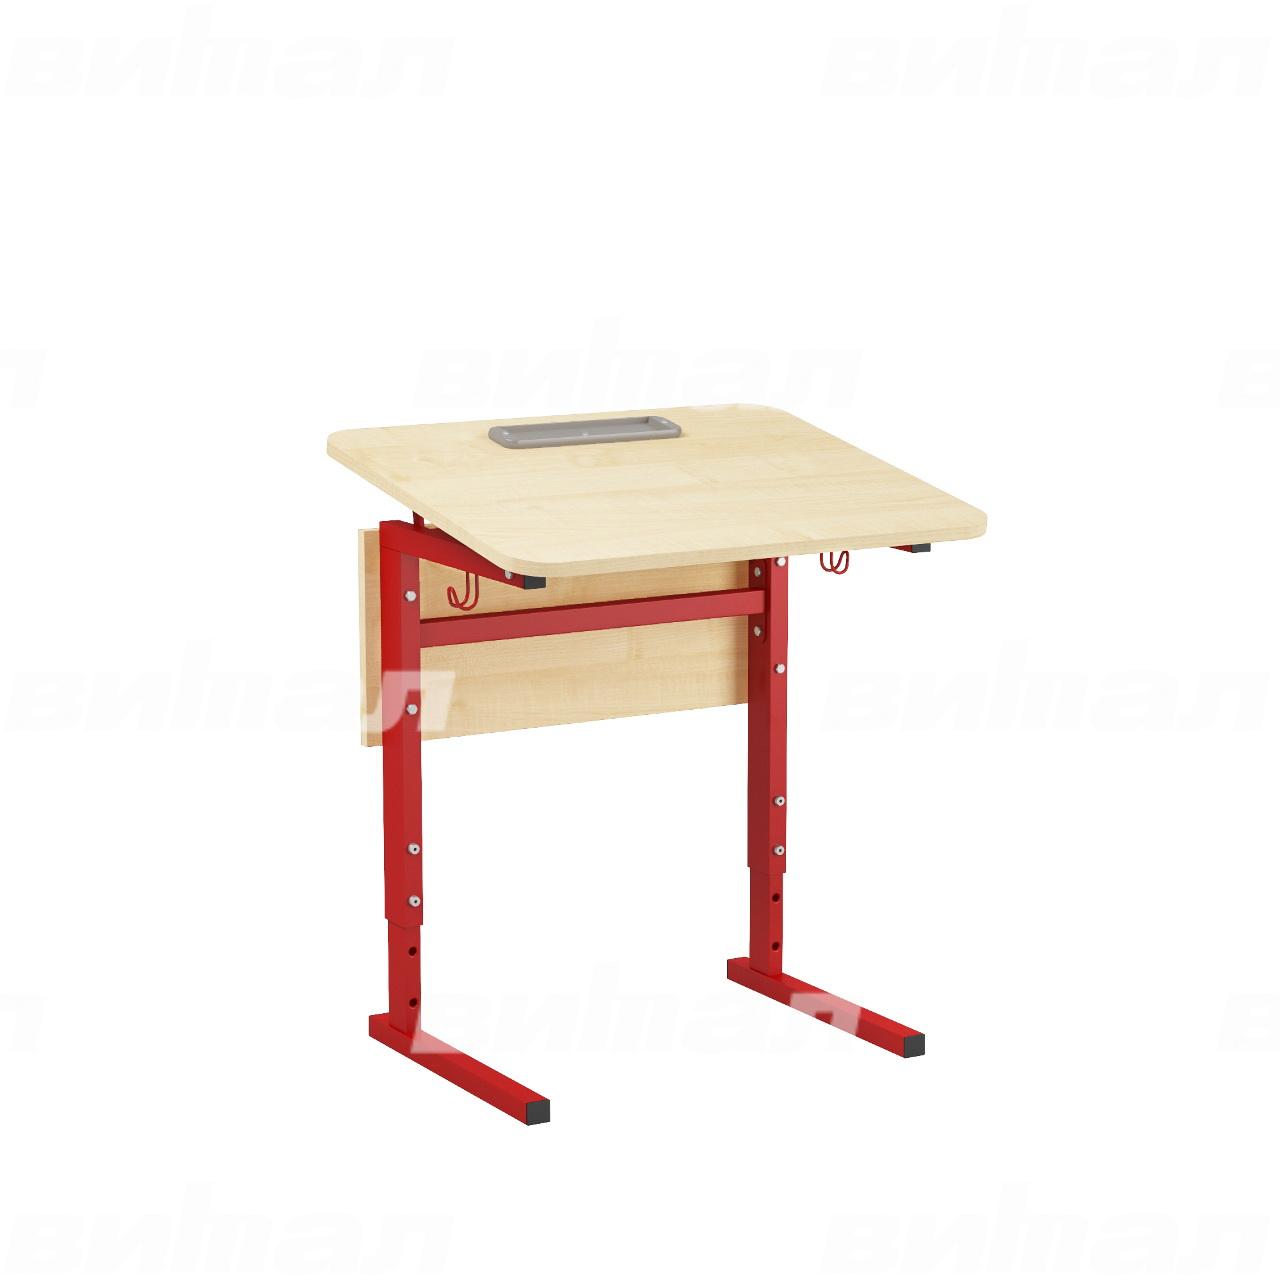 Стол 1-местный регулир. высота и наклон столешницы 0-10° (гр 2-4, 3-5 или 4-6) красный Клен 2-4 Меламин прямоугольная